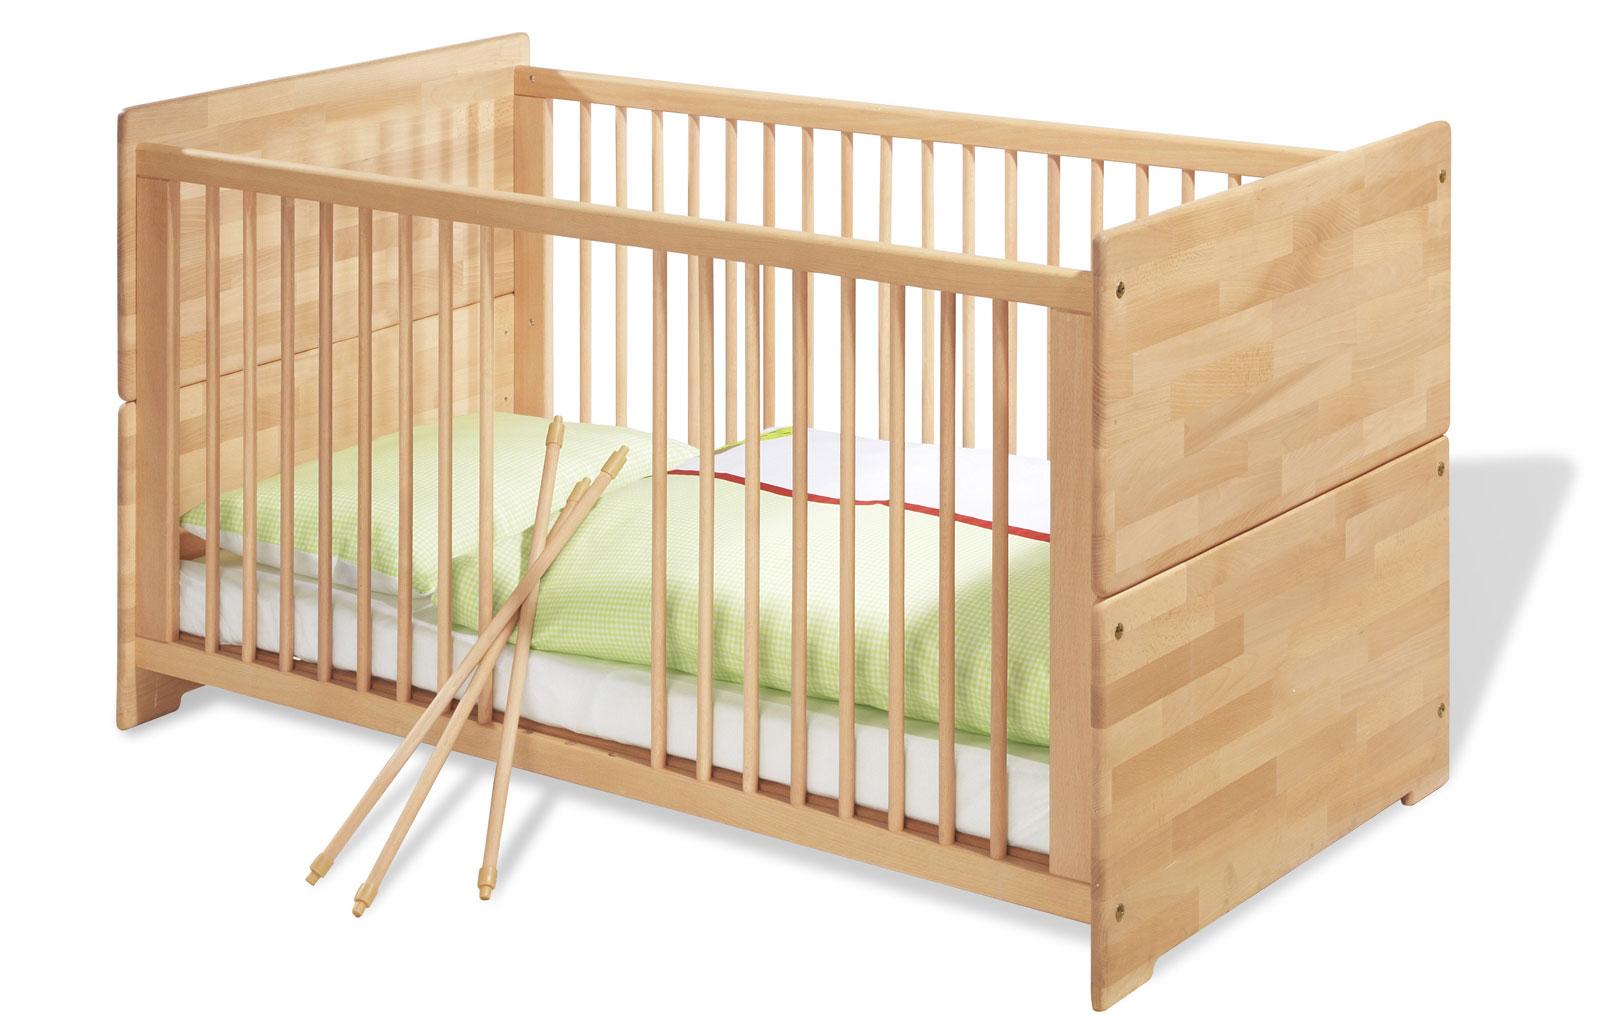 Babybett selber bauen mit bauplan  Babybett Selber Bauen Anleitung. Stubenwagen Selber Bauen With ...